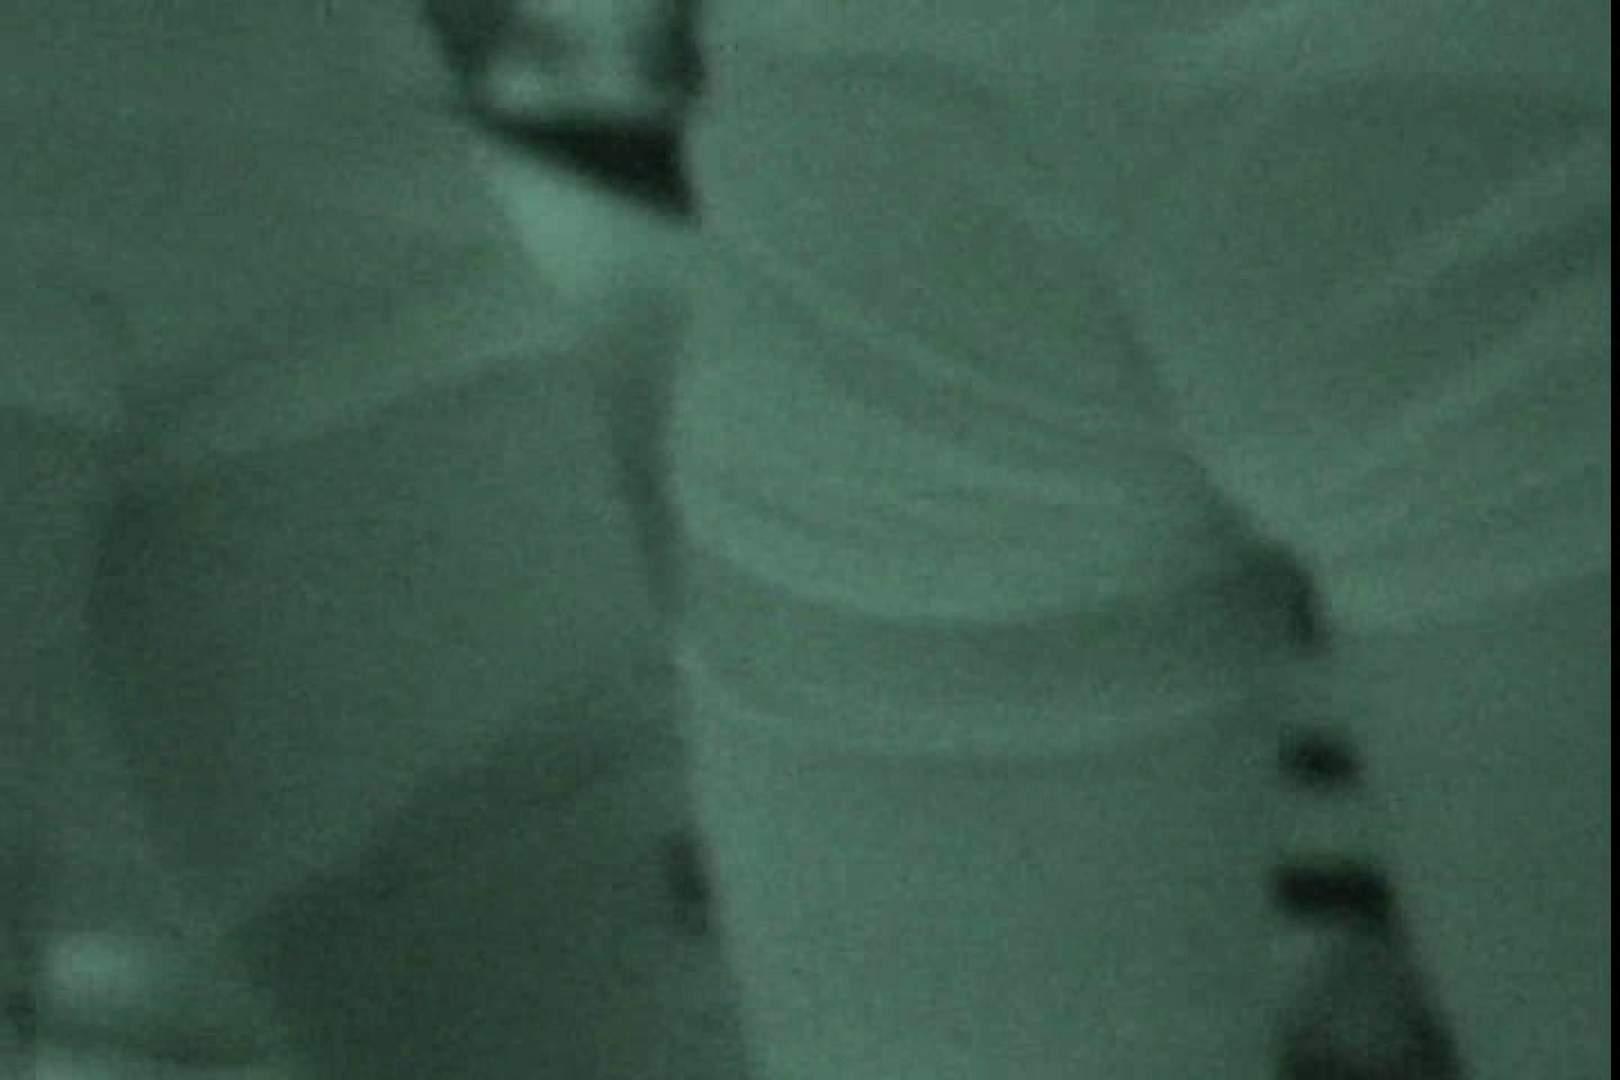 赤外線ムレスケバレー(汗) vol.11 赤外線   アスリート  95PIX 75